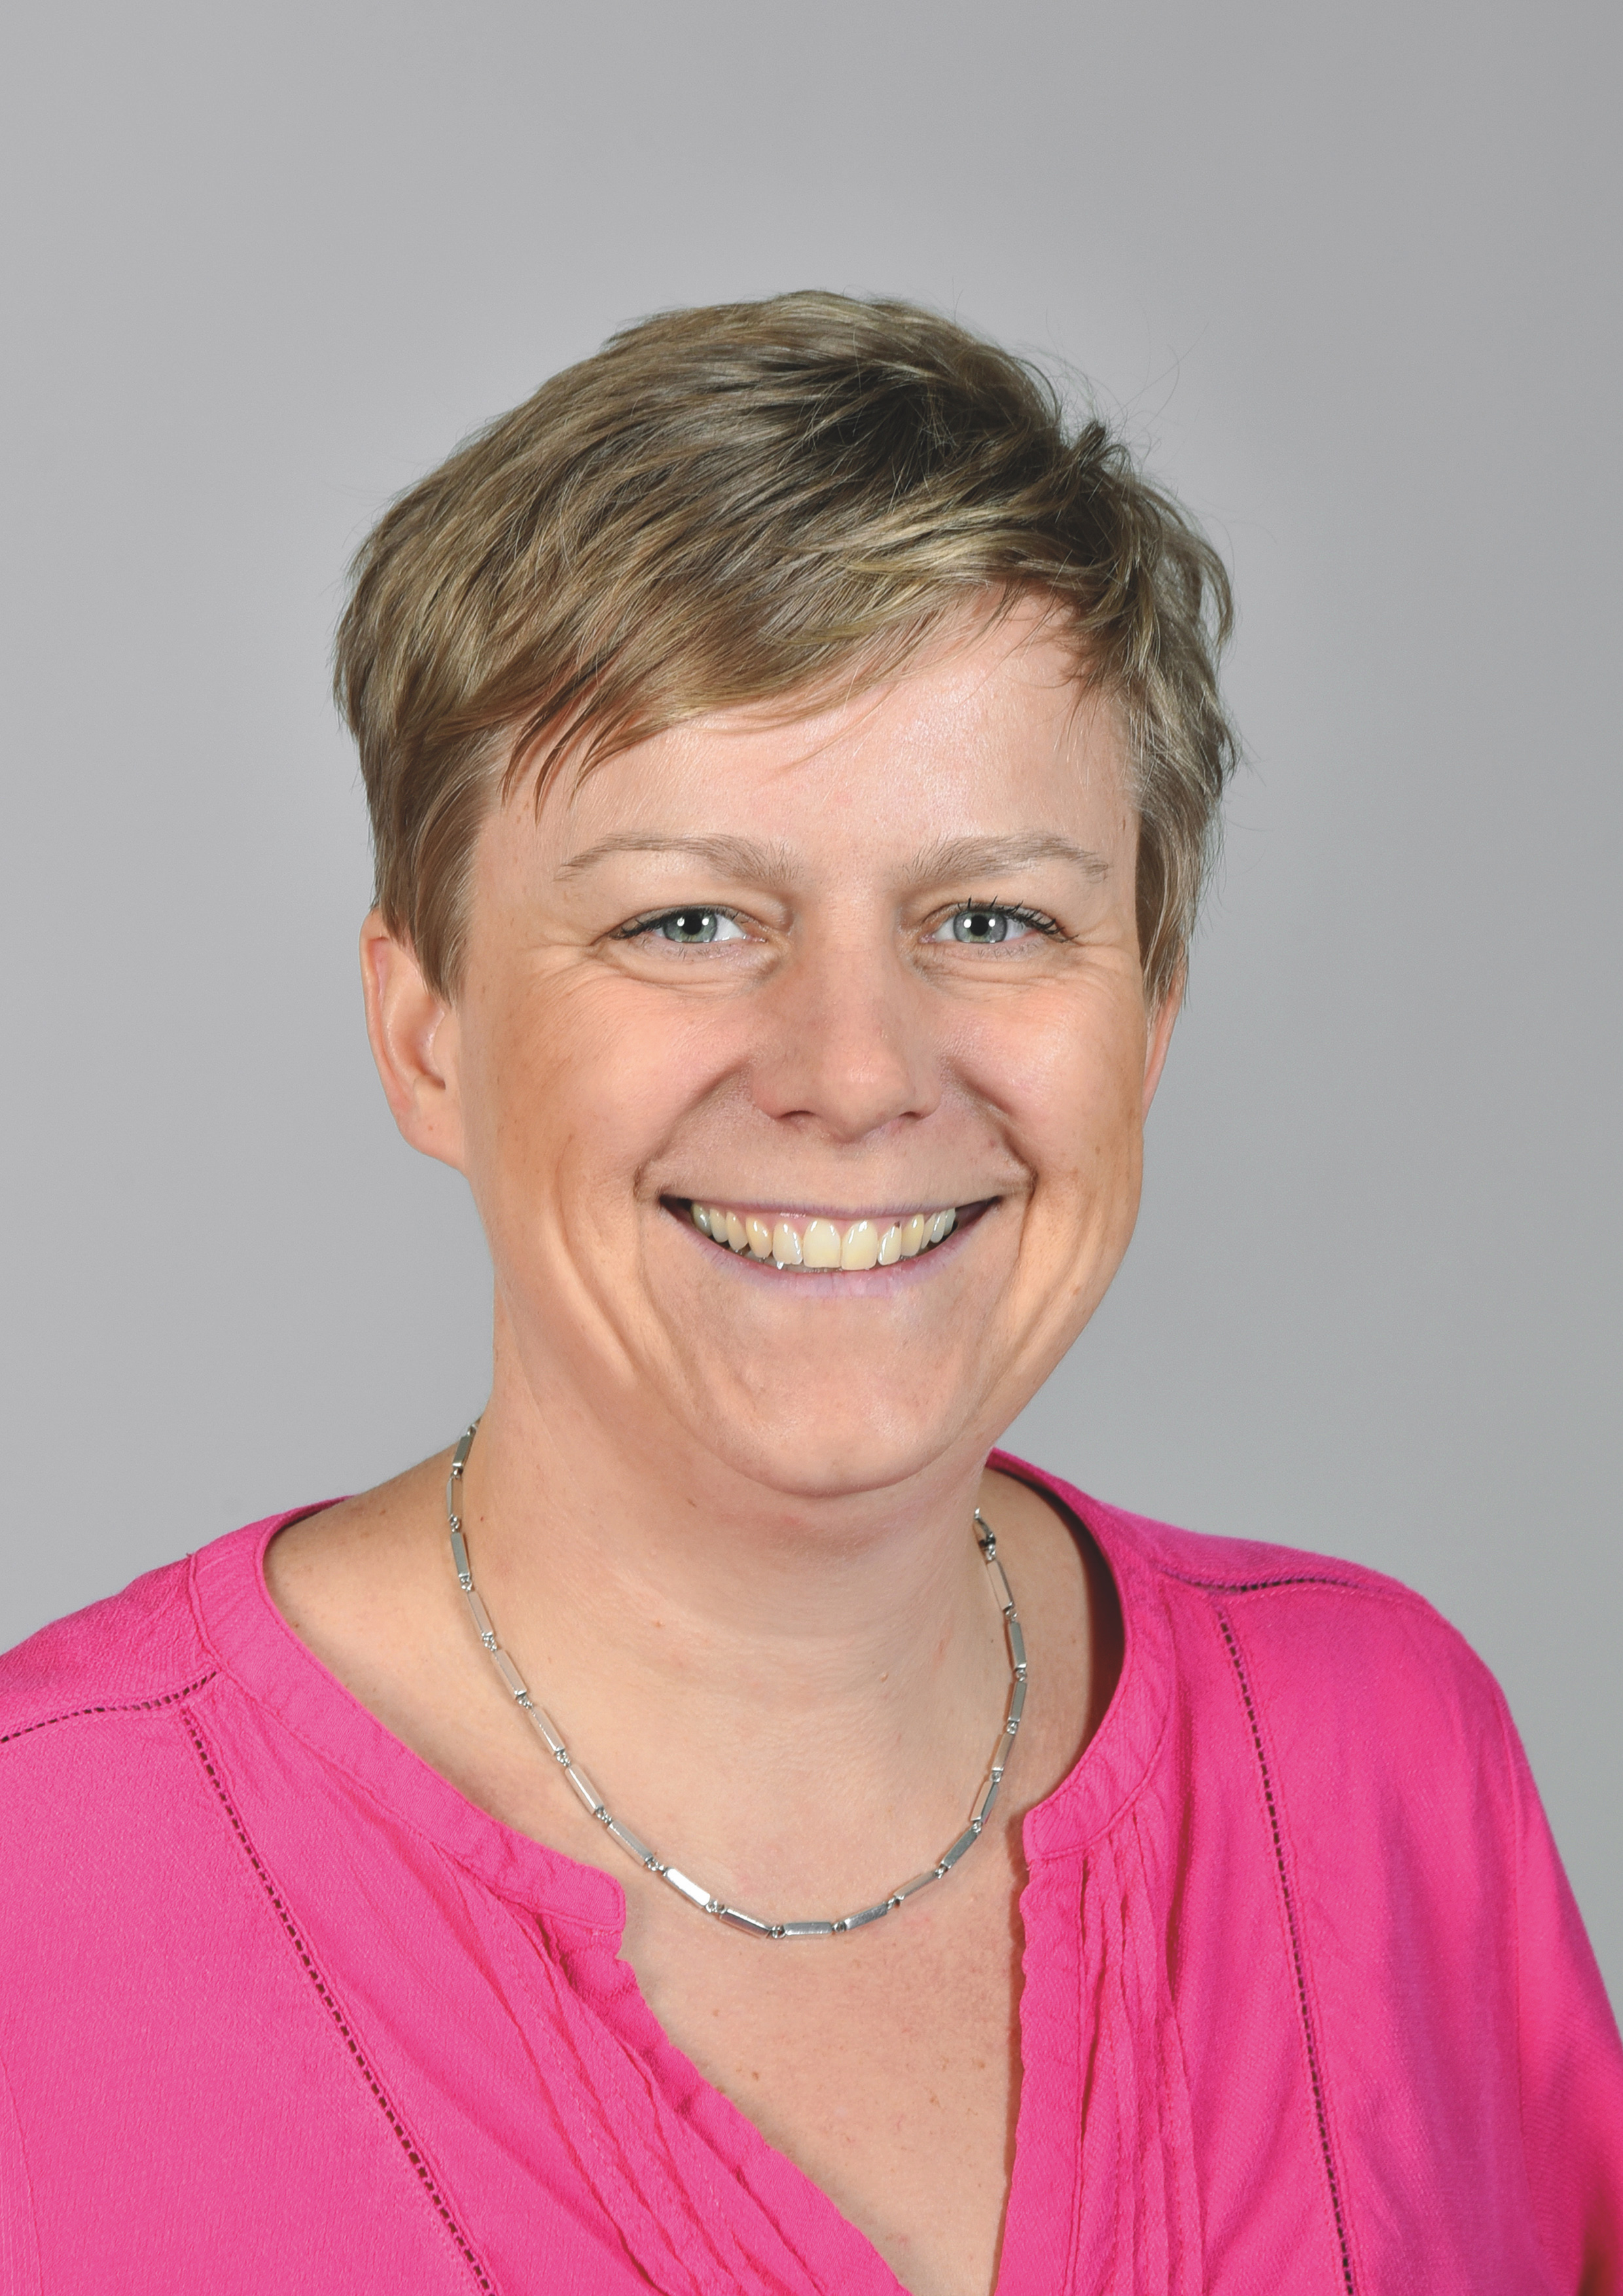 Yvonne Lehmann Kommunalwahl SPD Oranienburg